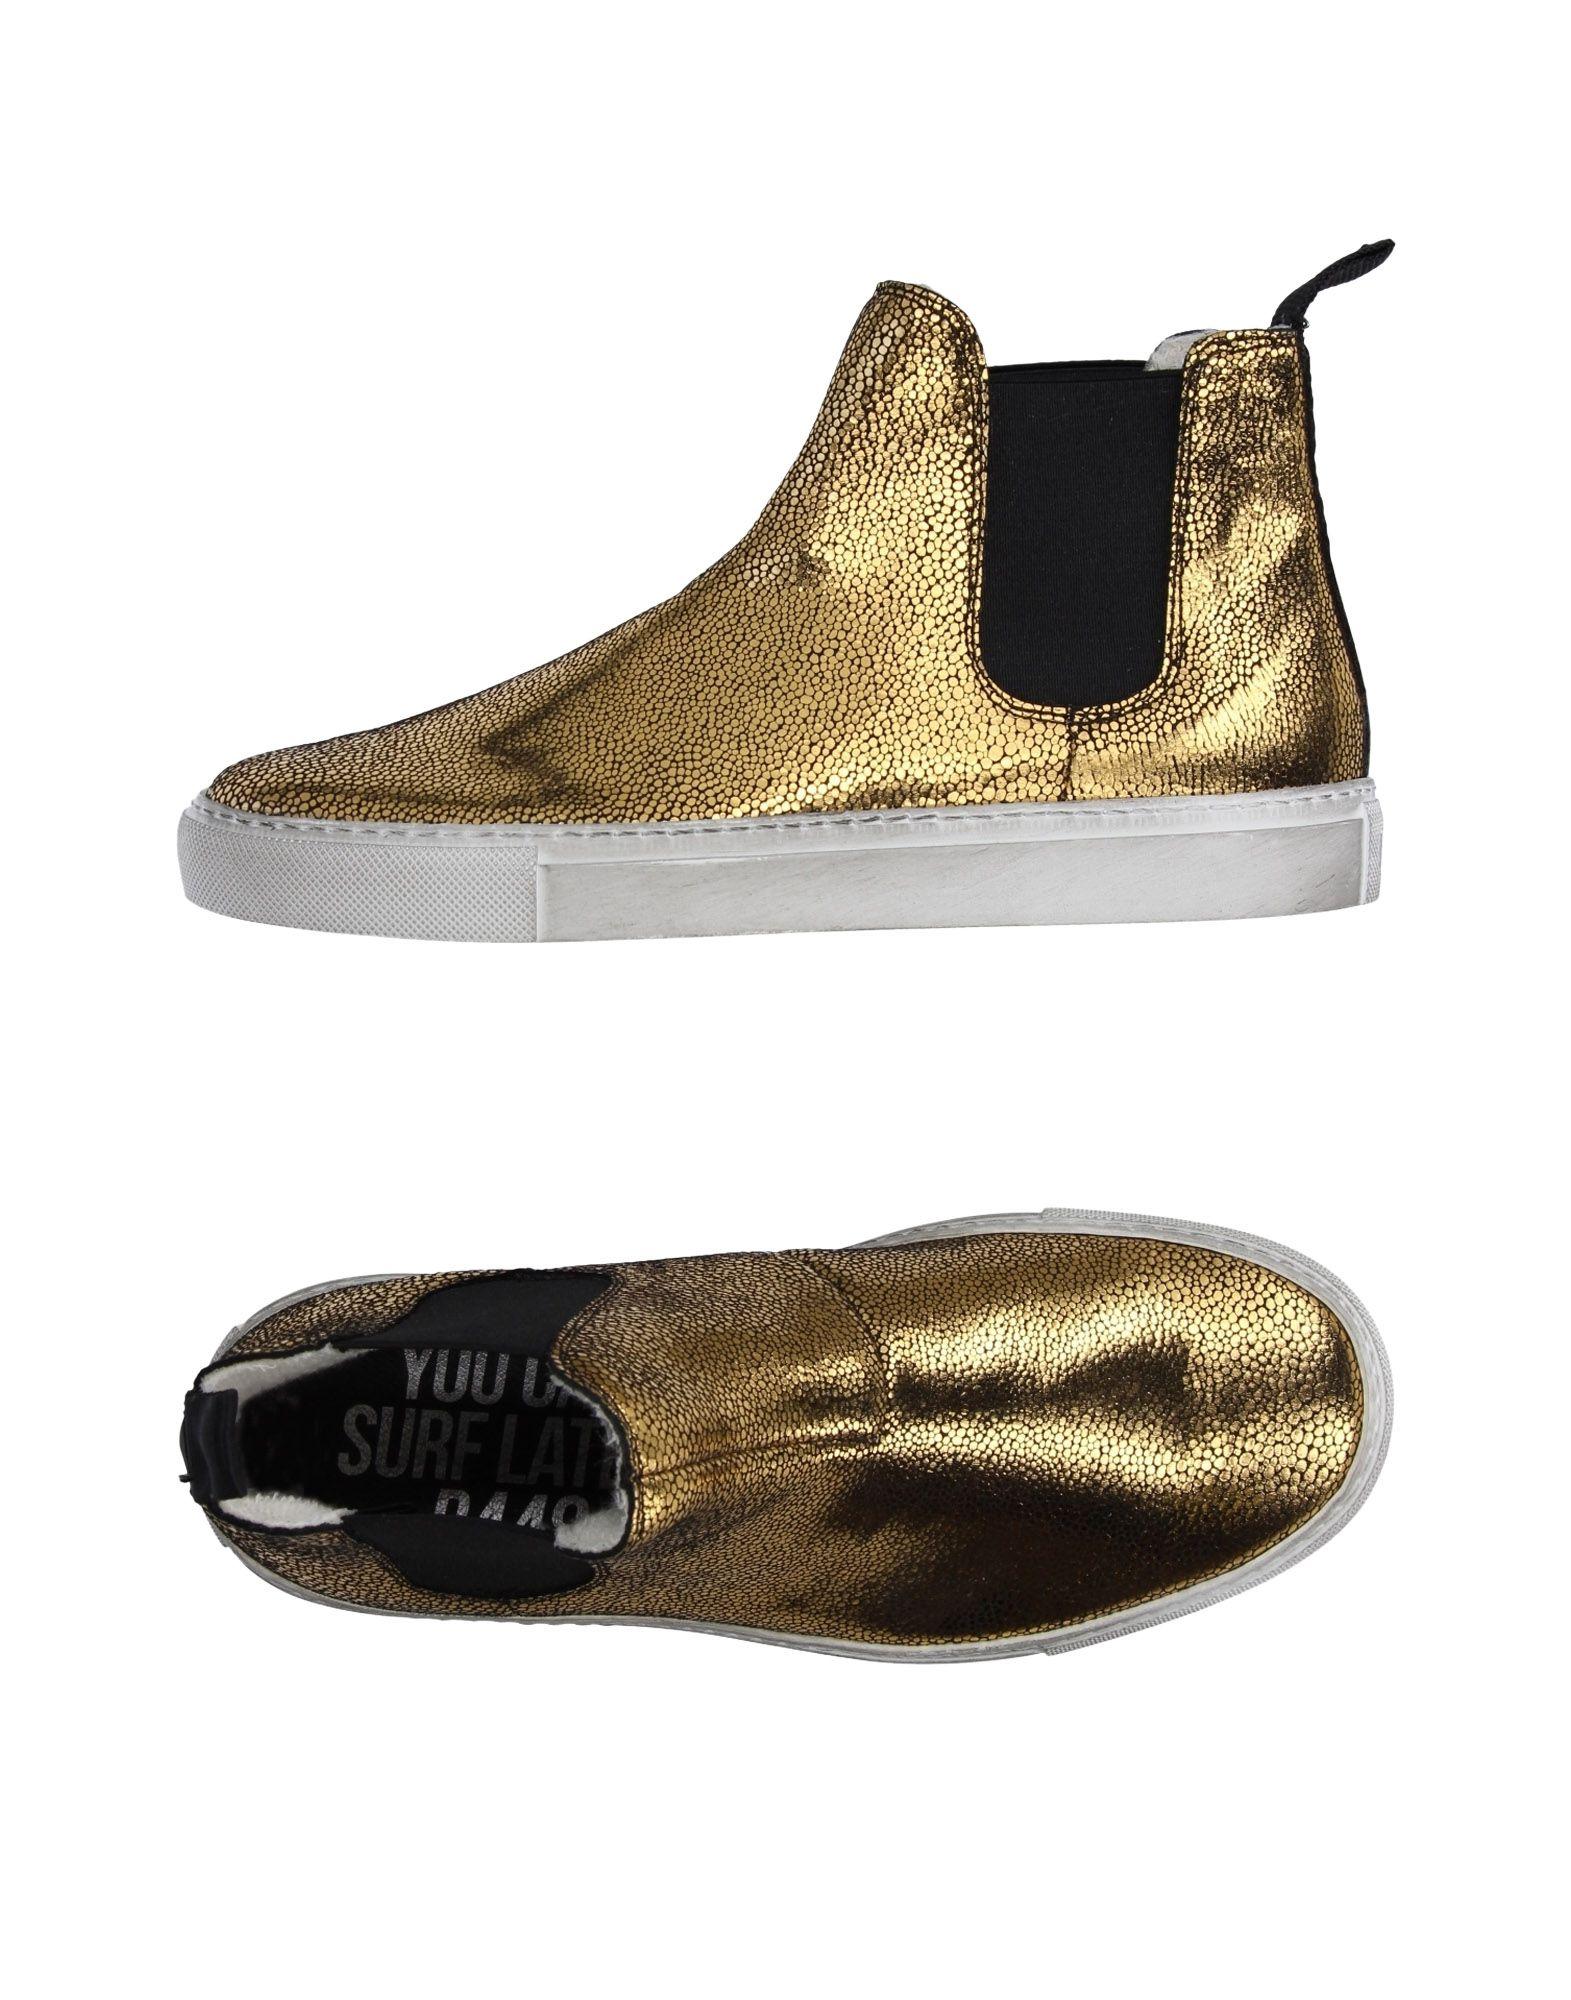 Moda Sneakers P448 P448 Sneakers Donna - 11222671PG 553f7e